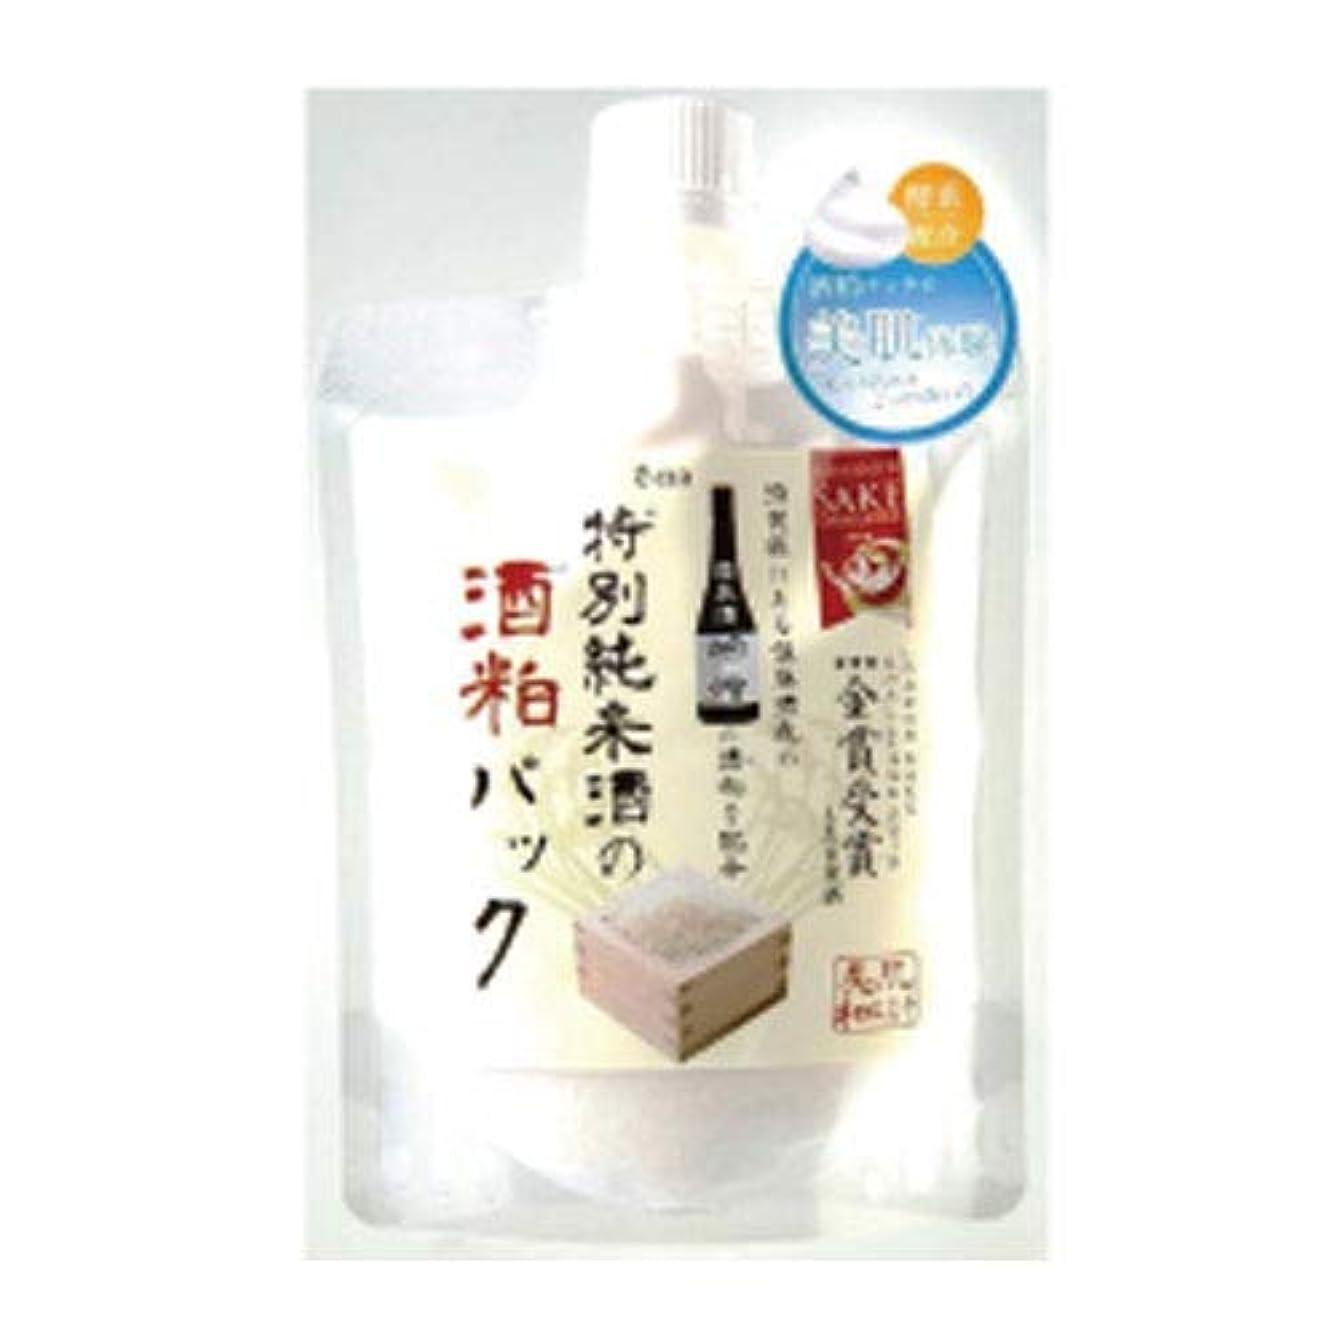 カートリッジシフト流用する特別純米酒の酒粕パック48個セット